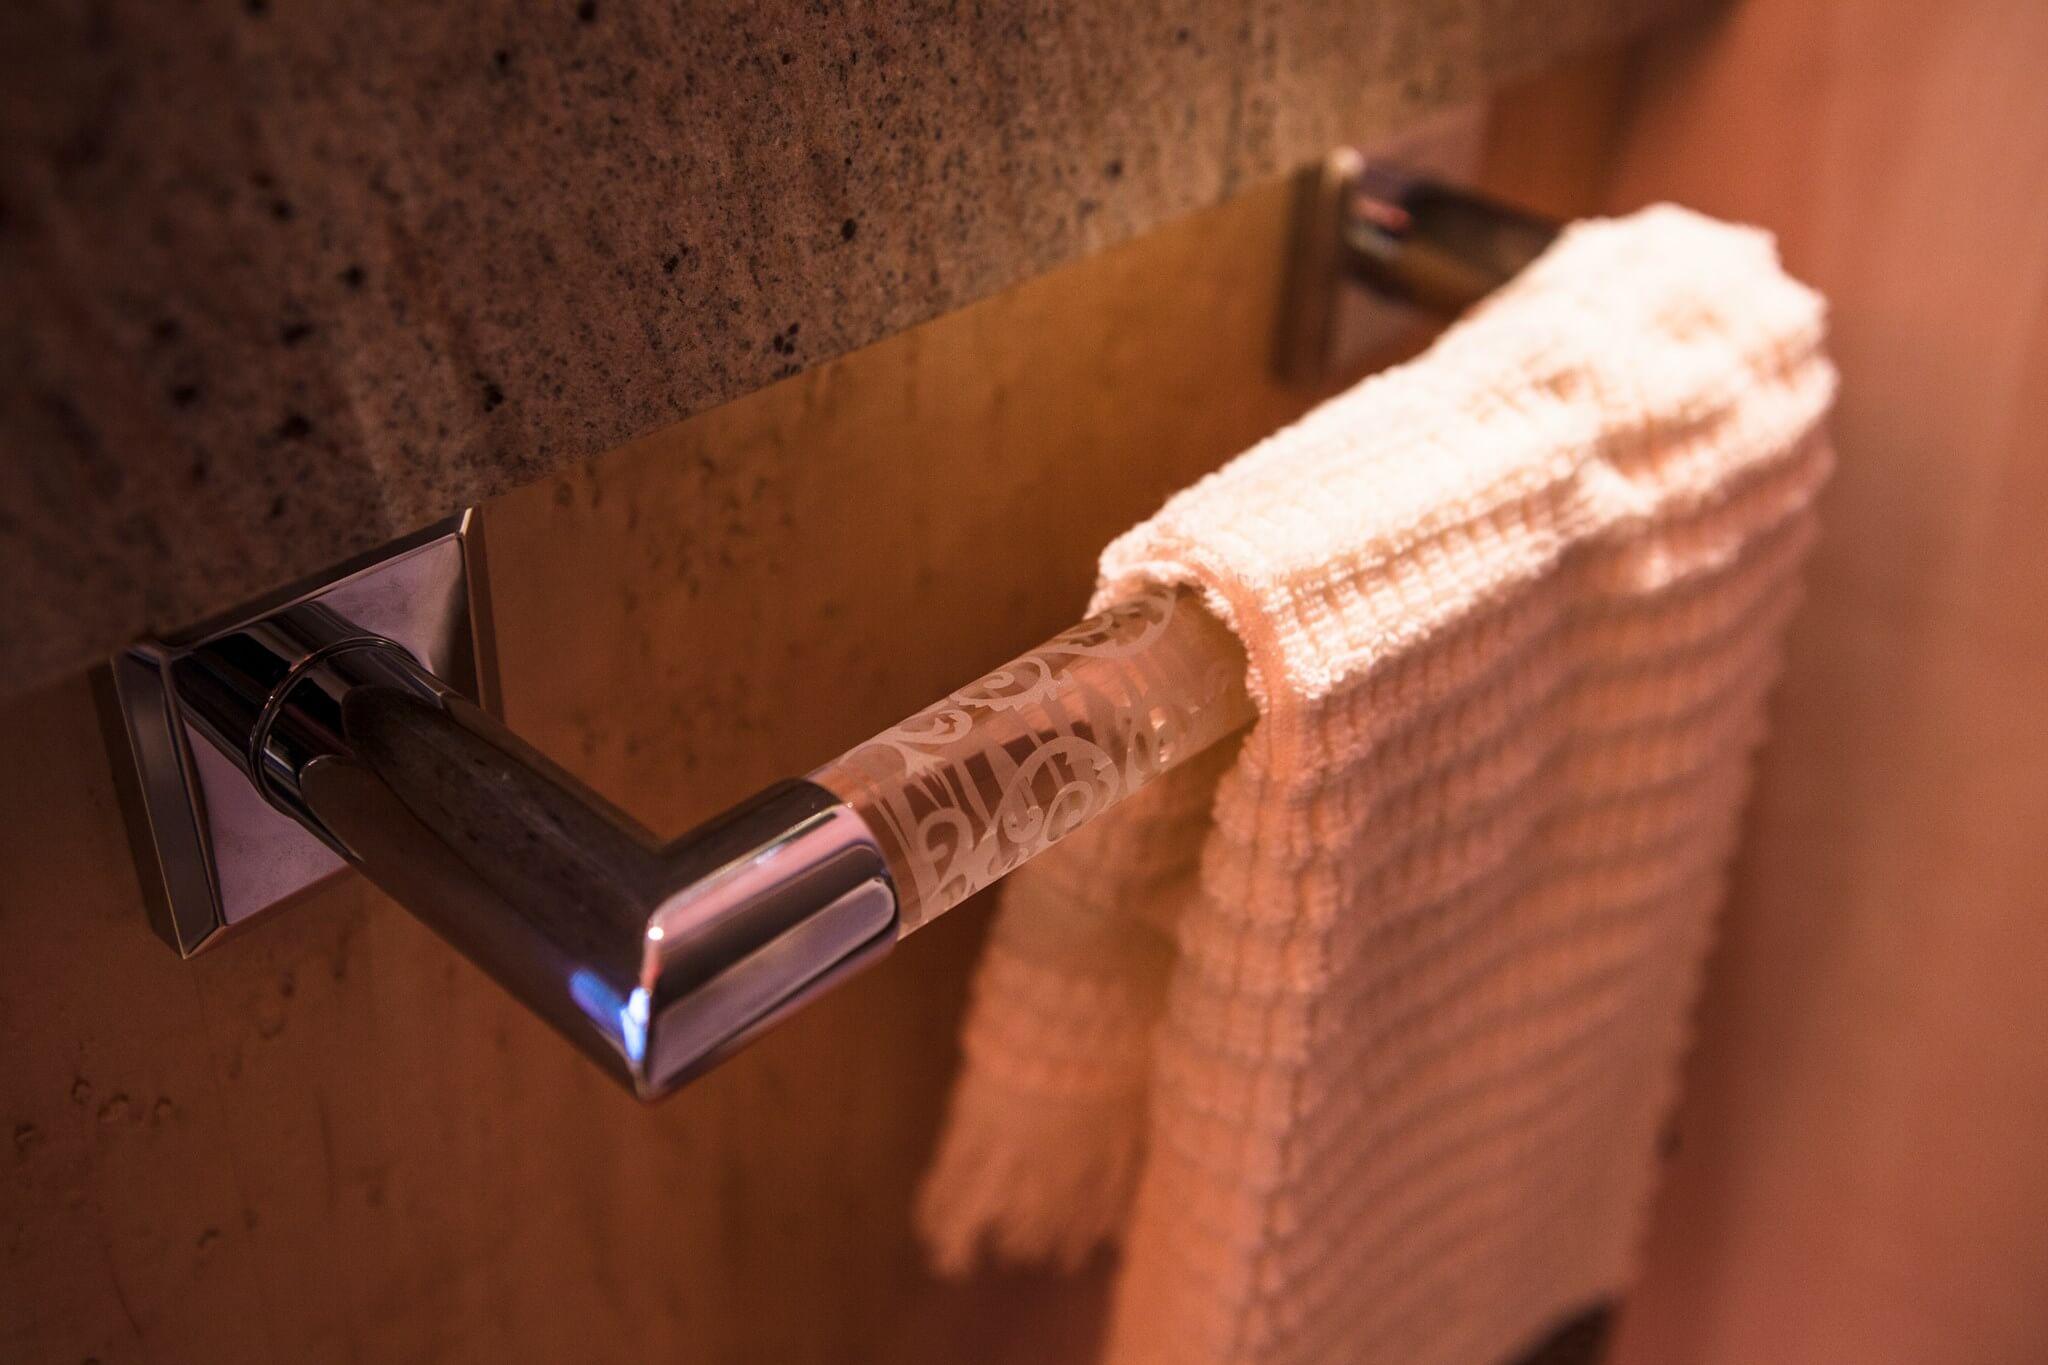 Pomdor das Badzubehör für ihr Badezimmer Design Pomdor Handtuch Halter am Waschtisch Unterschrank angebracht